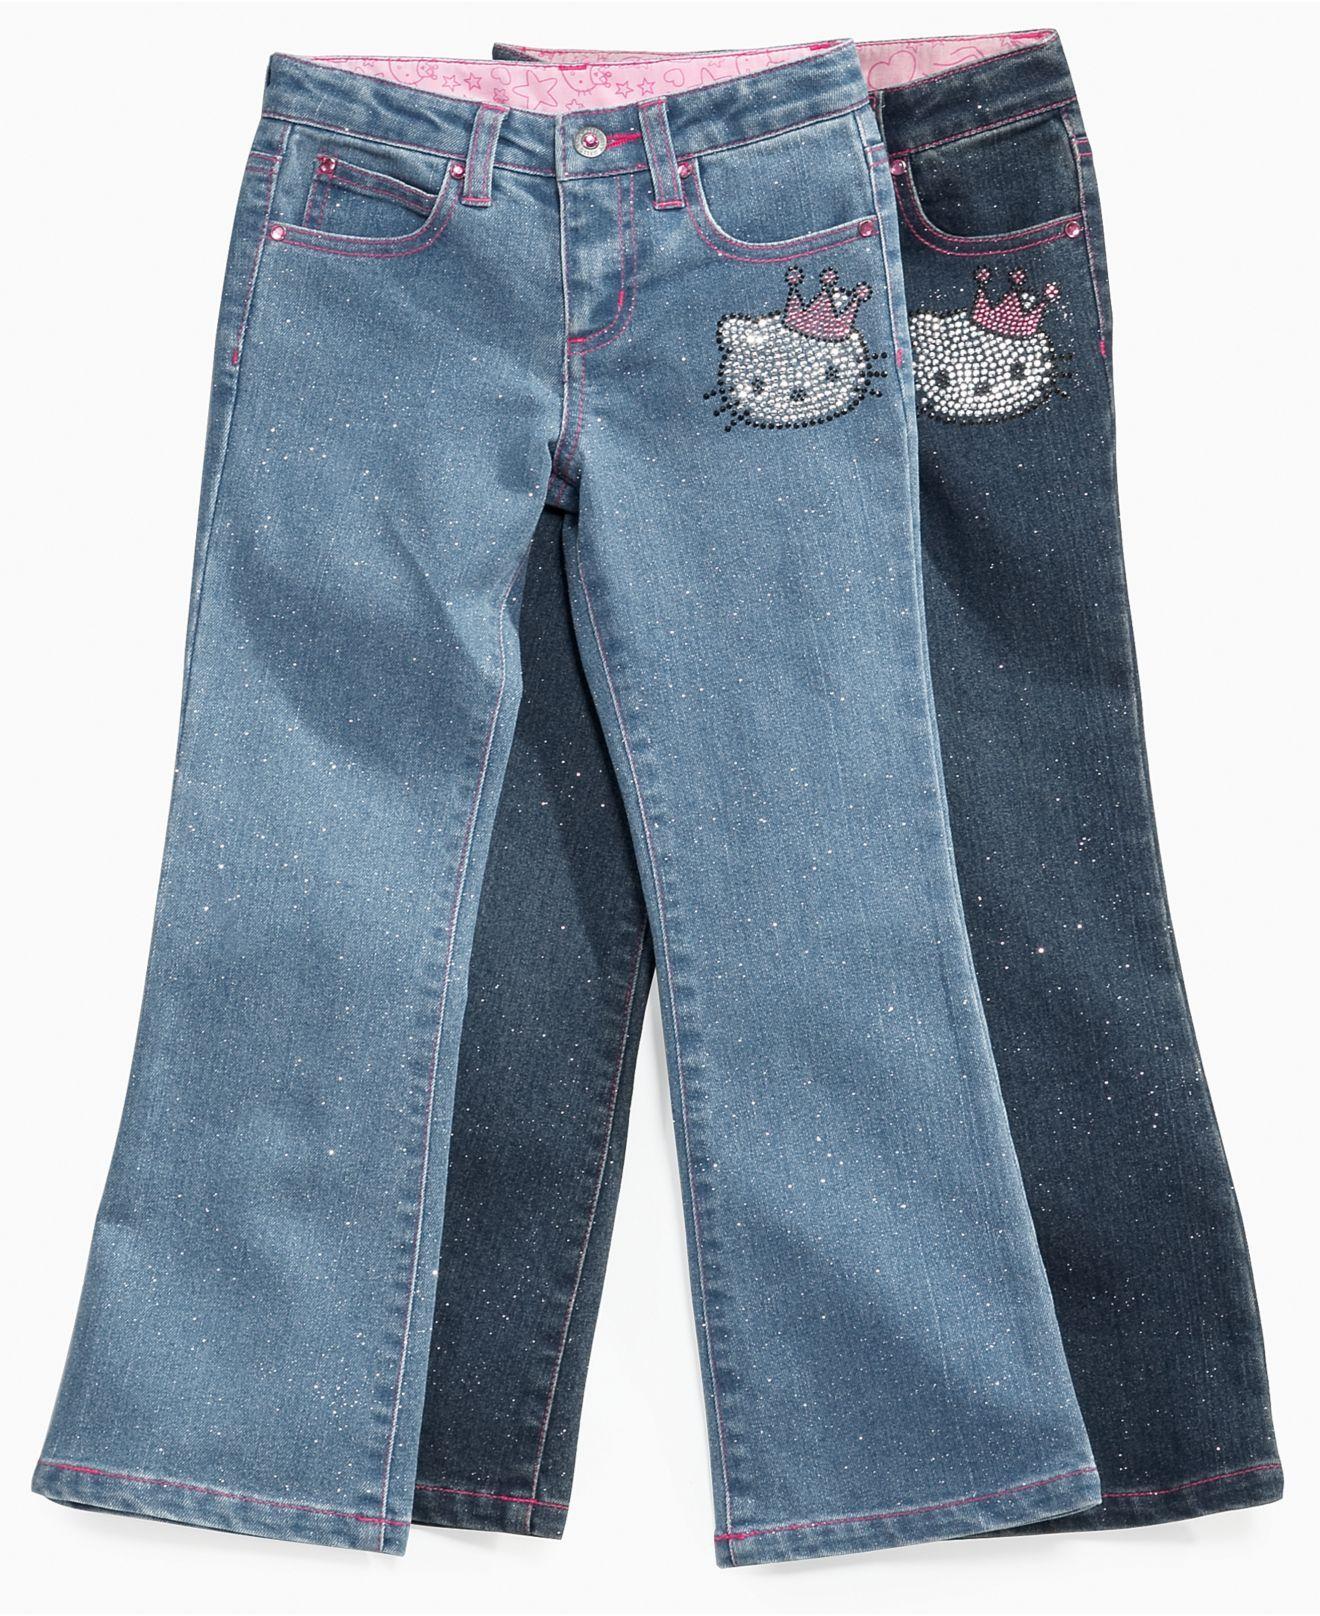 65a628809 Hello Kitty Kids Jeans, Little Girls Crown Denim Jeans | Kid ...